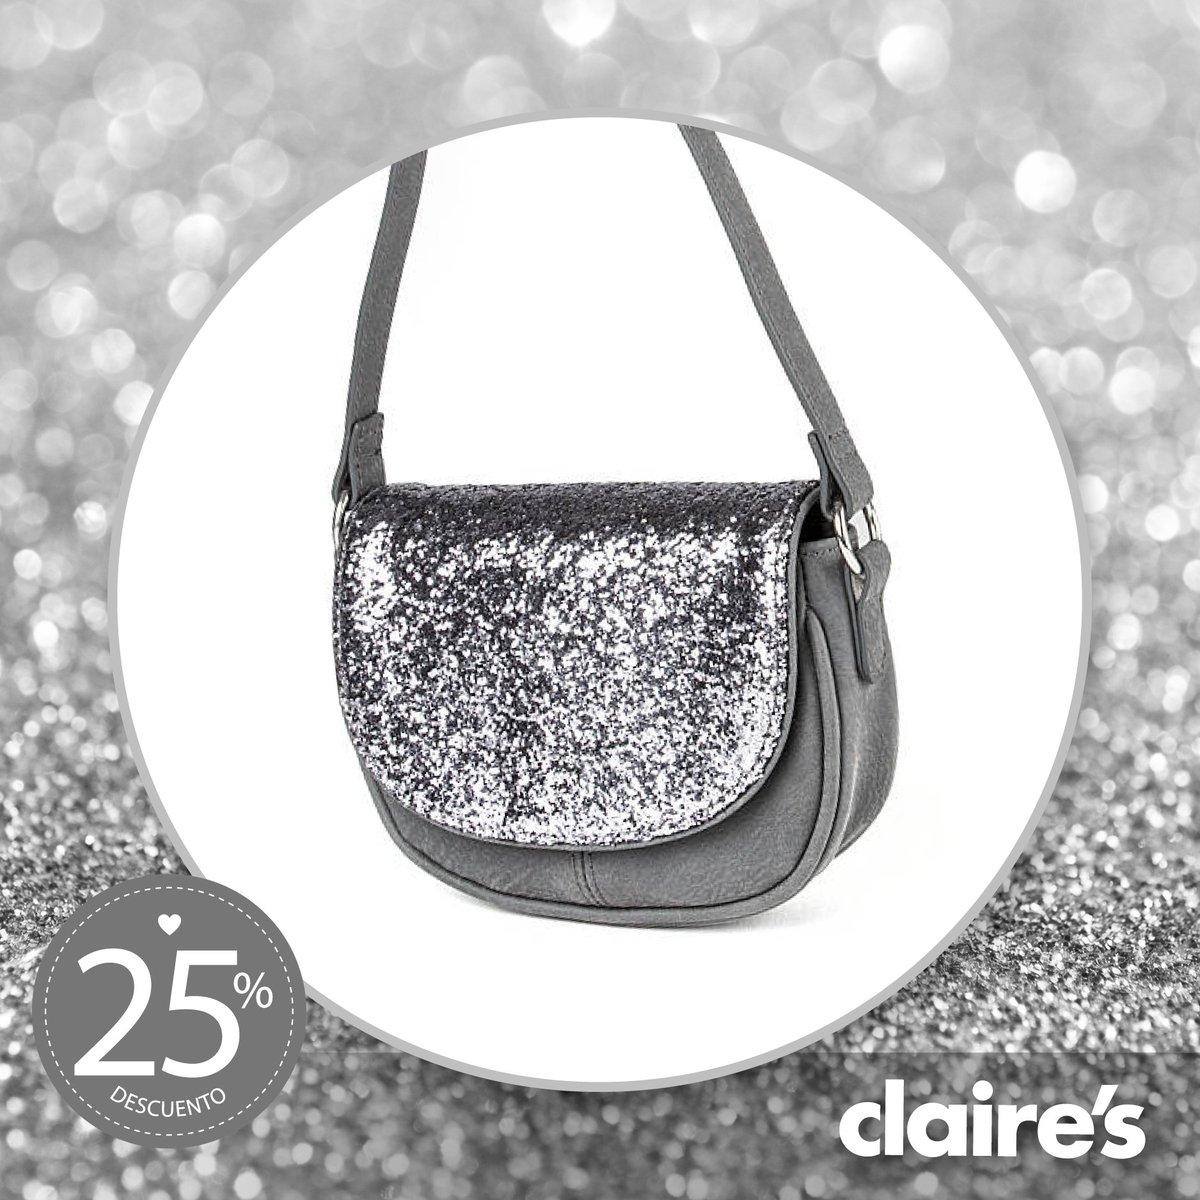 ¡Un bolso pequeño que va con tu look para la fiesta! #VamonosDeFiesta https://t.co/Y6E4rXItIV